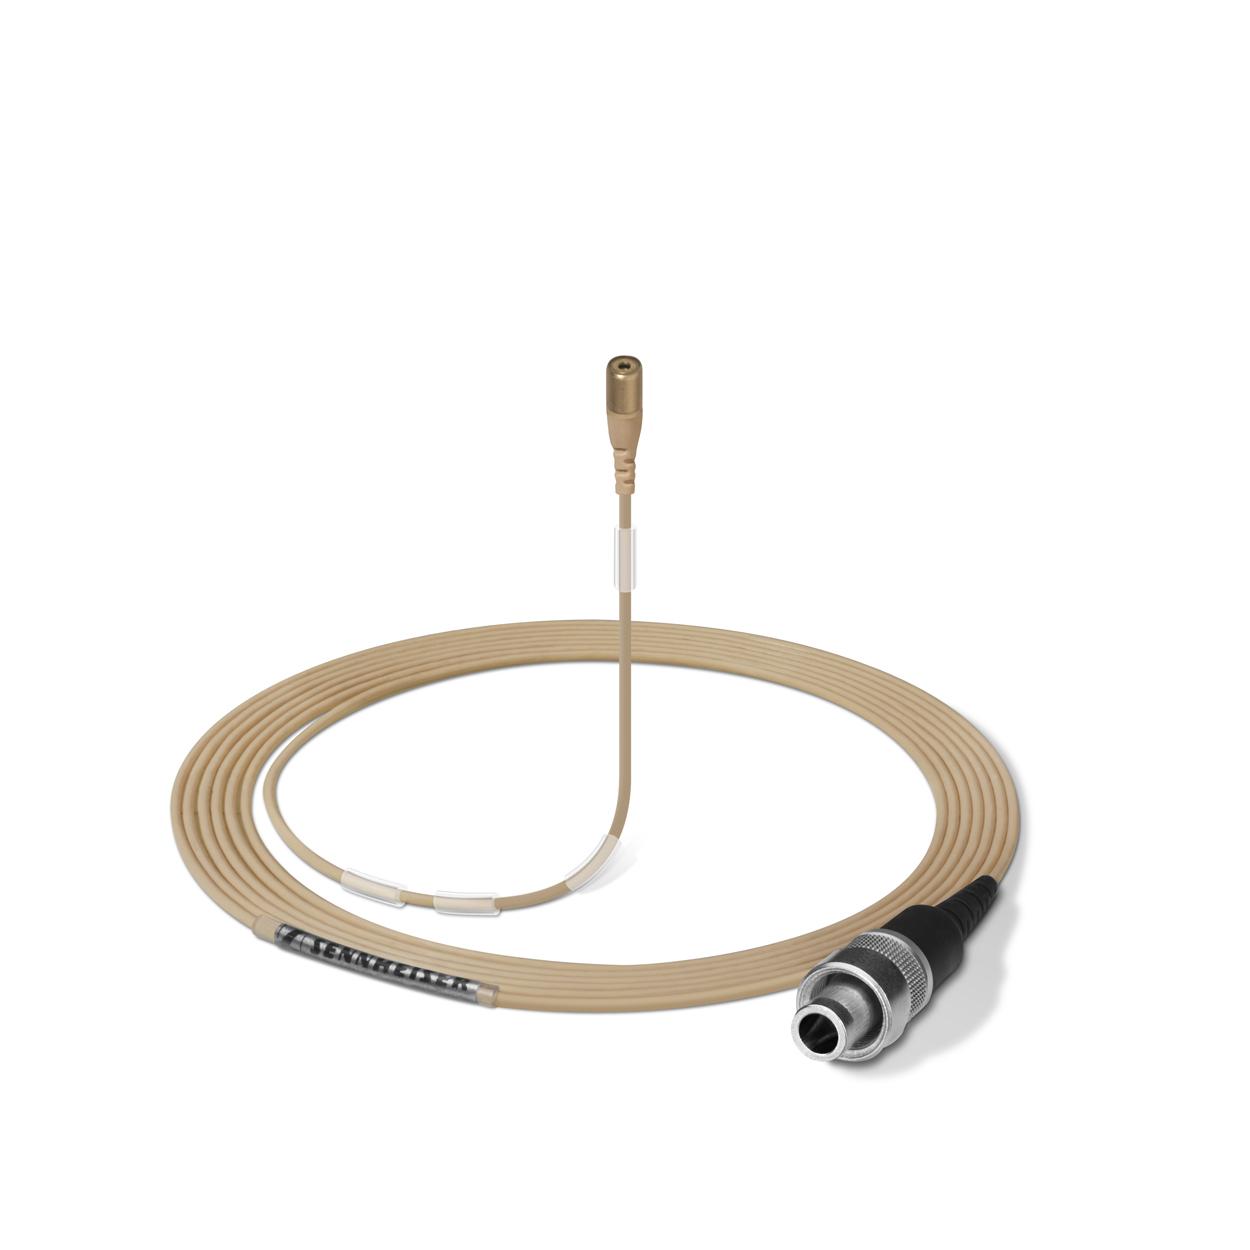 Afbeelding van Sennheiser MKE 1-4-3 beige lemo miniatuur lavalier microfoon